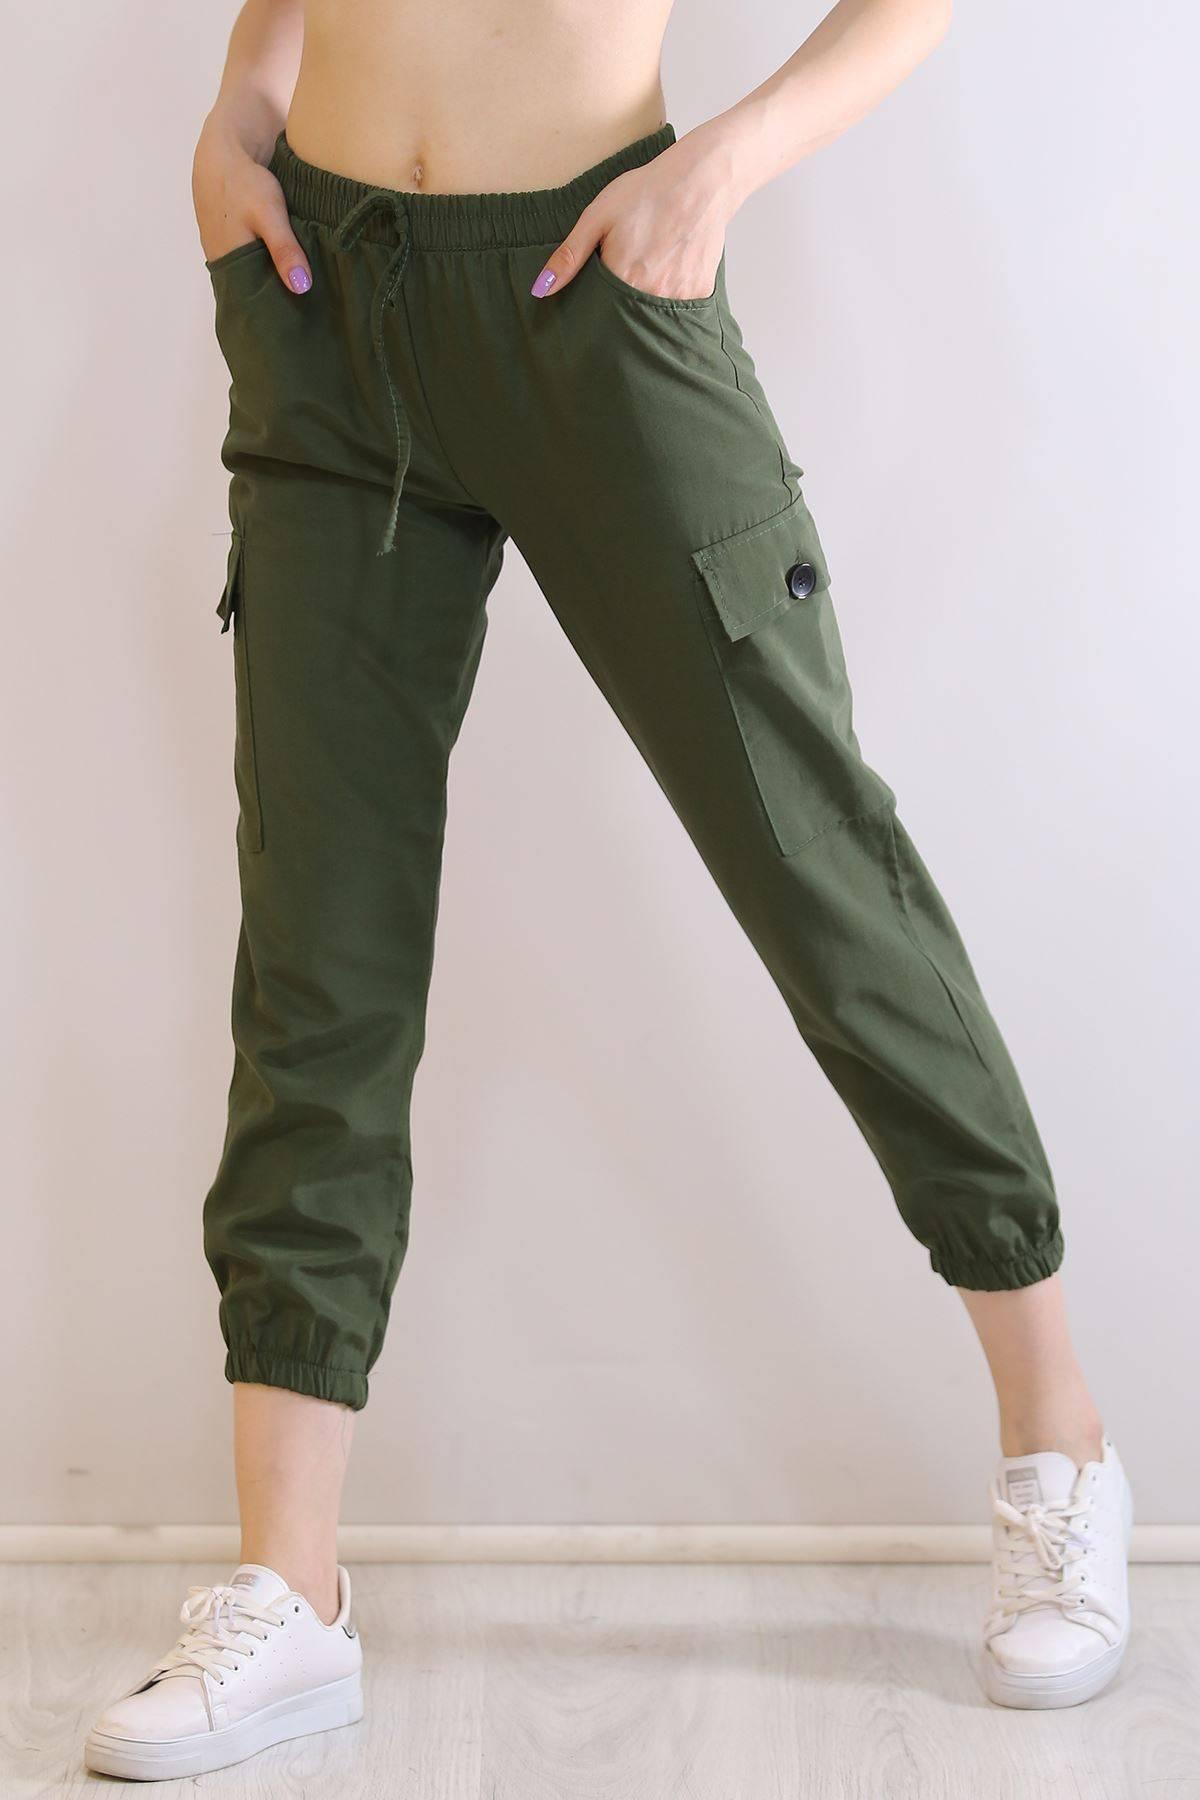 Kargo Cepli Pantolon Yeşil - 5452.107.